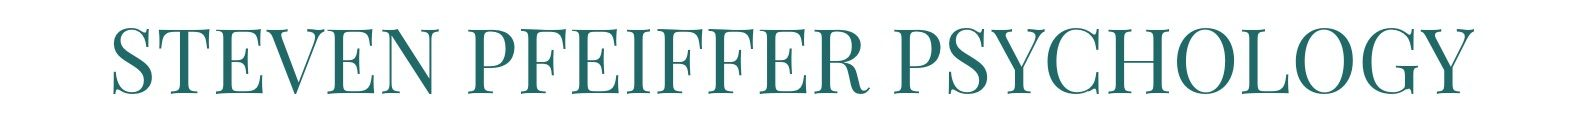 Steven Pfeiffer: Gifted Education Expert & Psychologist